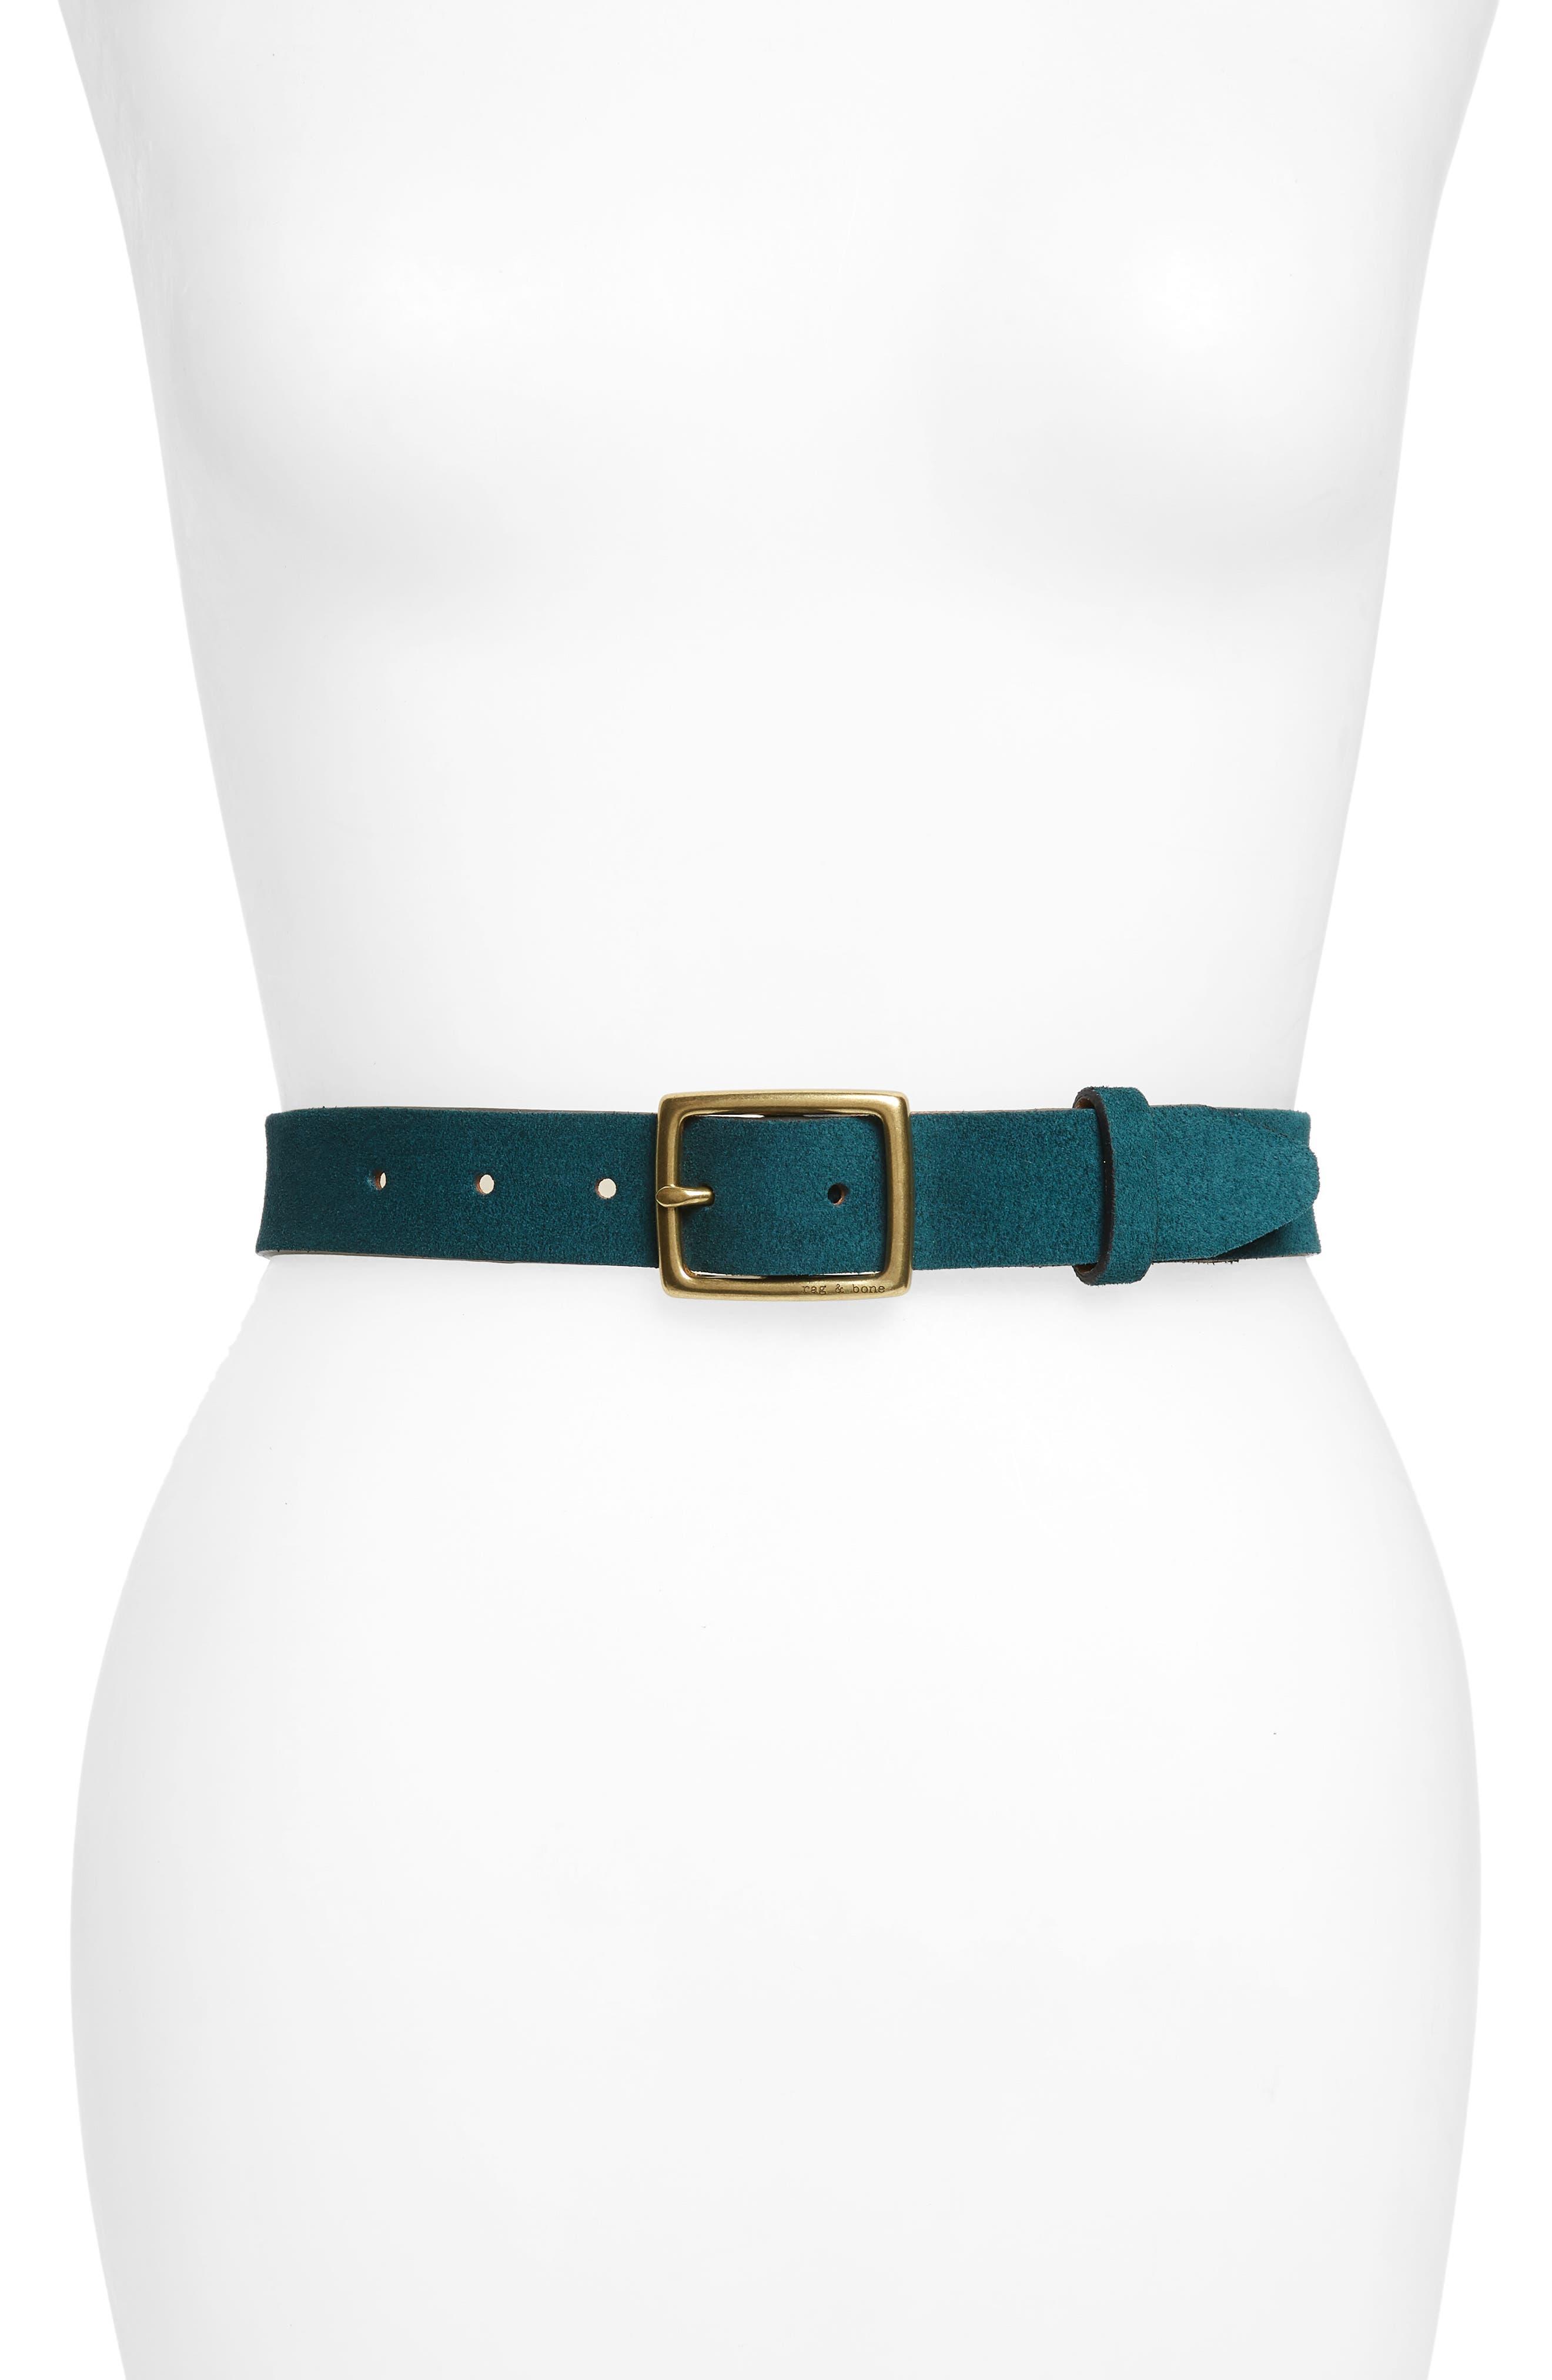 'Boyfriend' Leather Belt,                             Main thumbnail 1, color,                             FOREST SUEDE